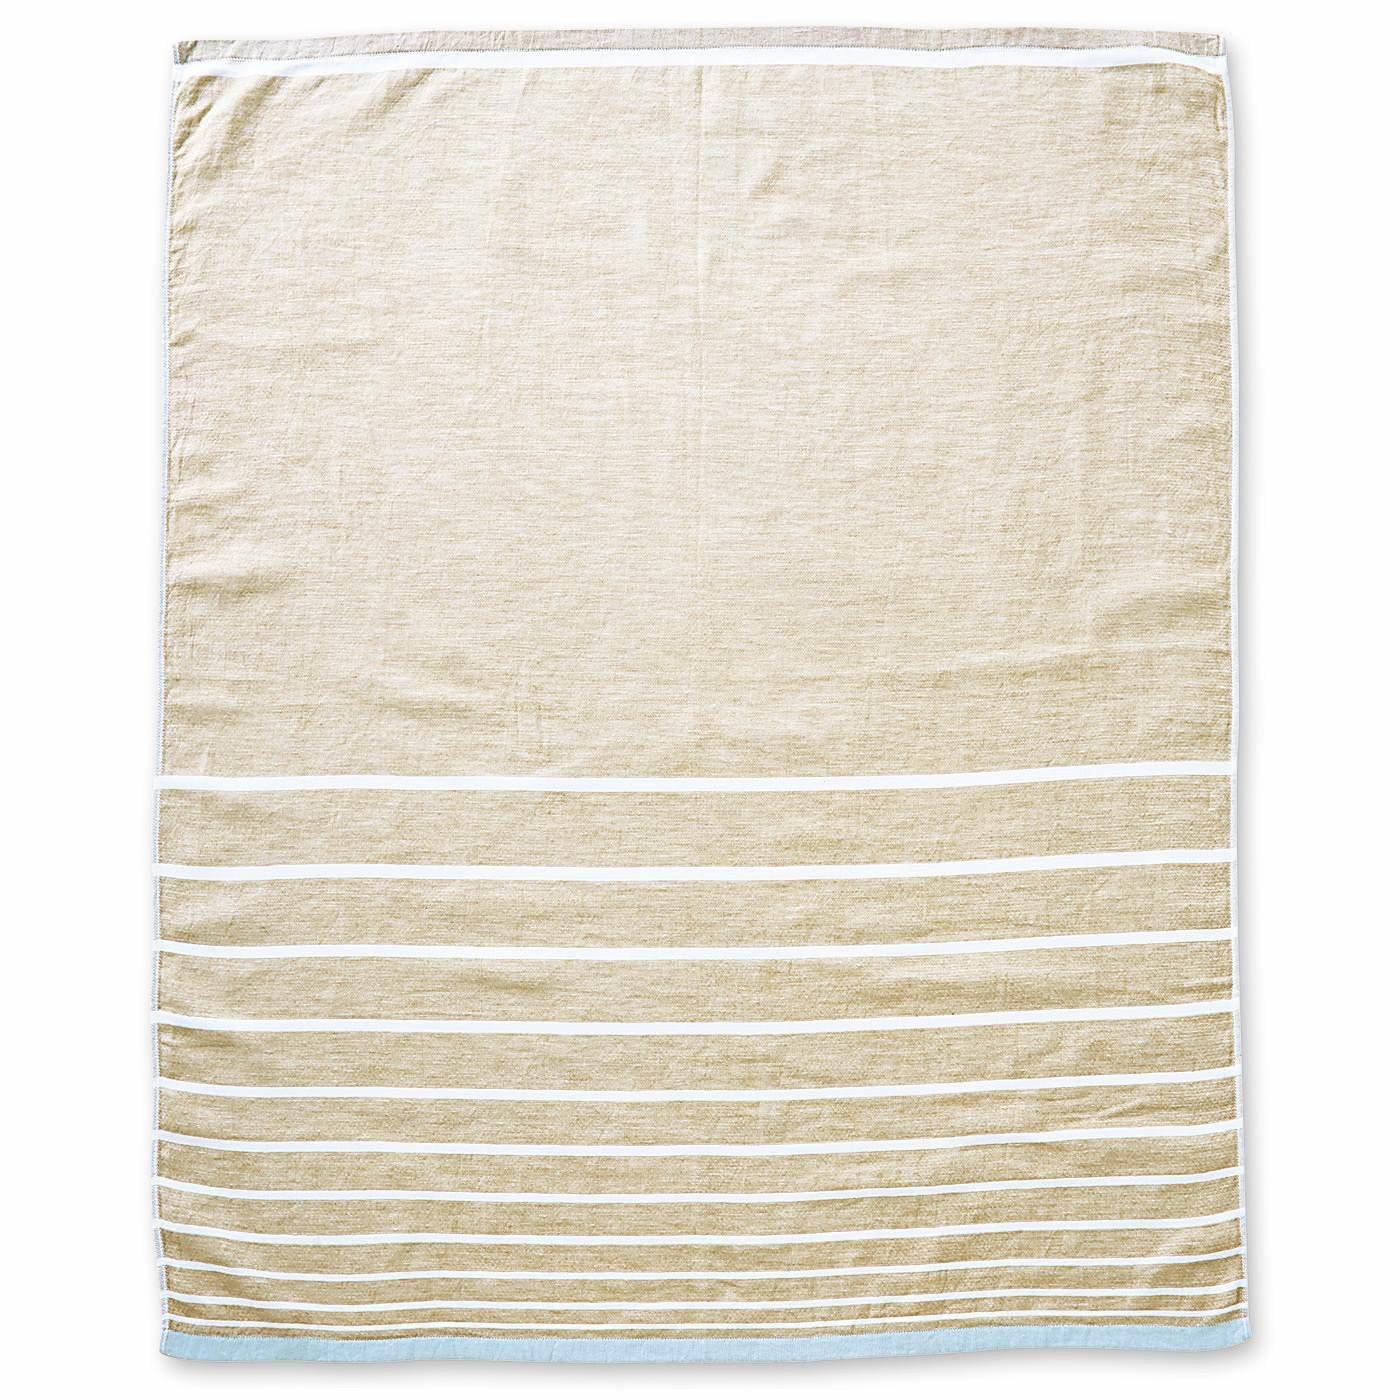 サンクチュアリ 綿100%無撚糸ガーゼに包まれる ちょっと大きめバスタオルの会